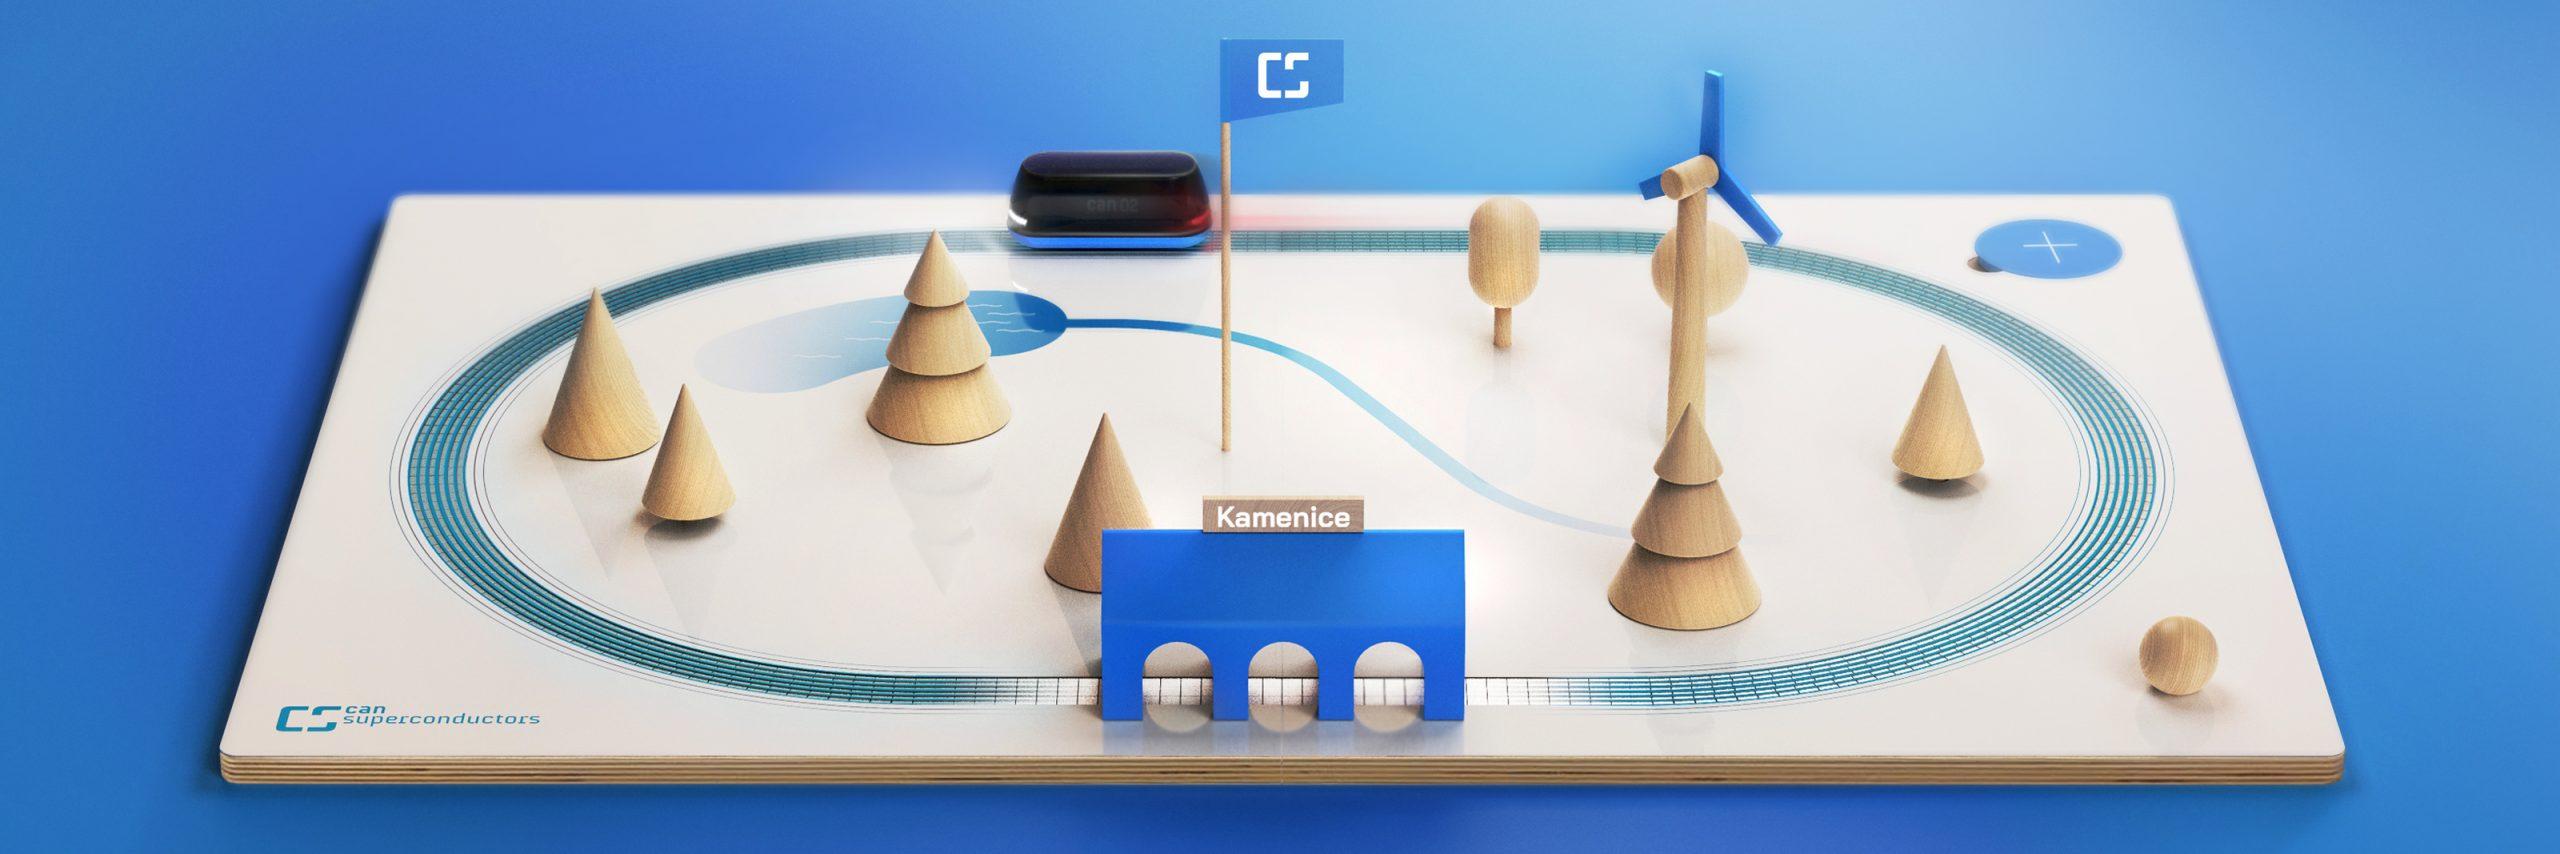 Výuková magnetická levitační sada pro prezentaci supravodičů CAN CONDUCTORS.